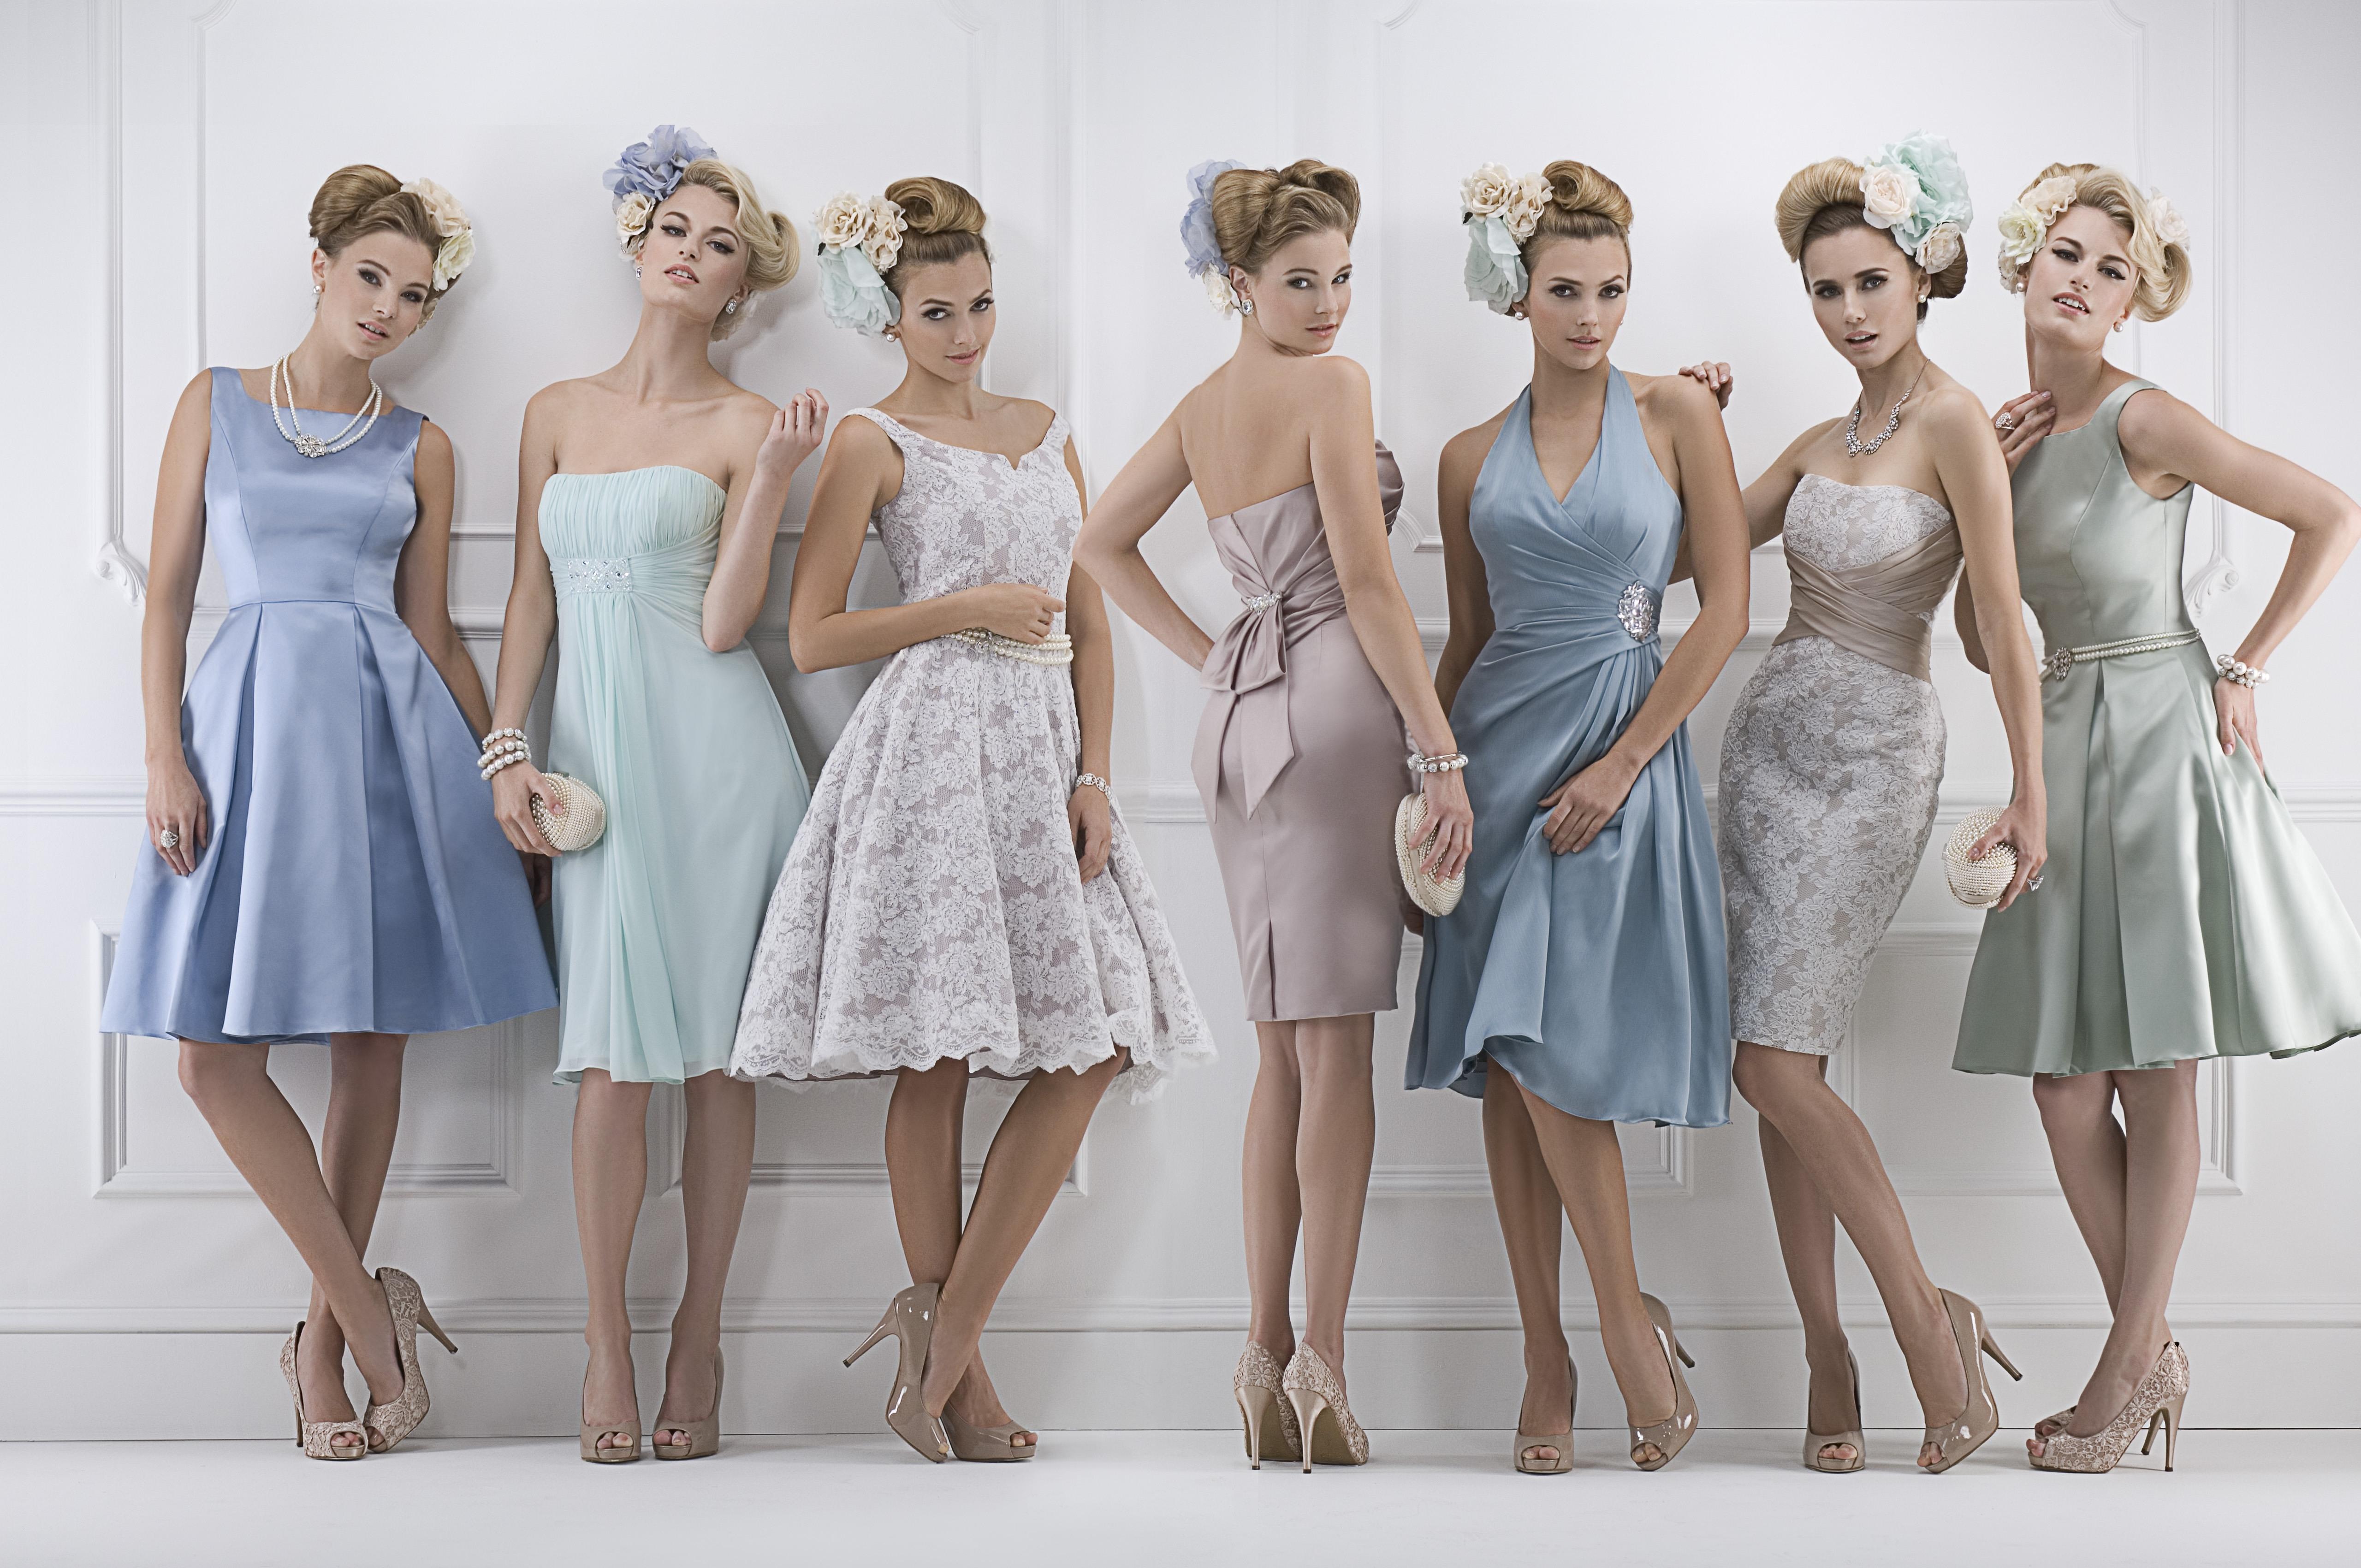 10 Schön Kleider Für Hochzeitsgäste Sommer Spezialgebiet17 Einfach Kleider Für Hochzeitsgäste Sommer Ärmel